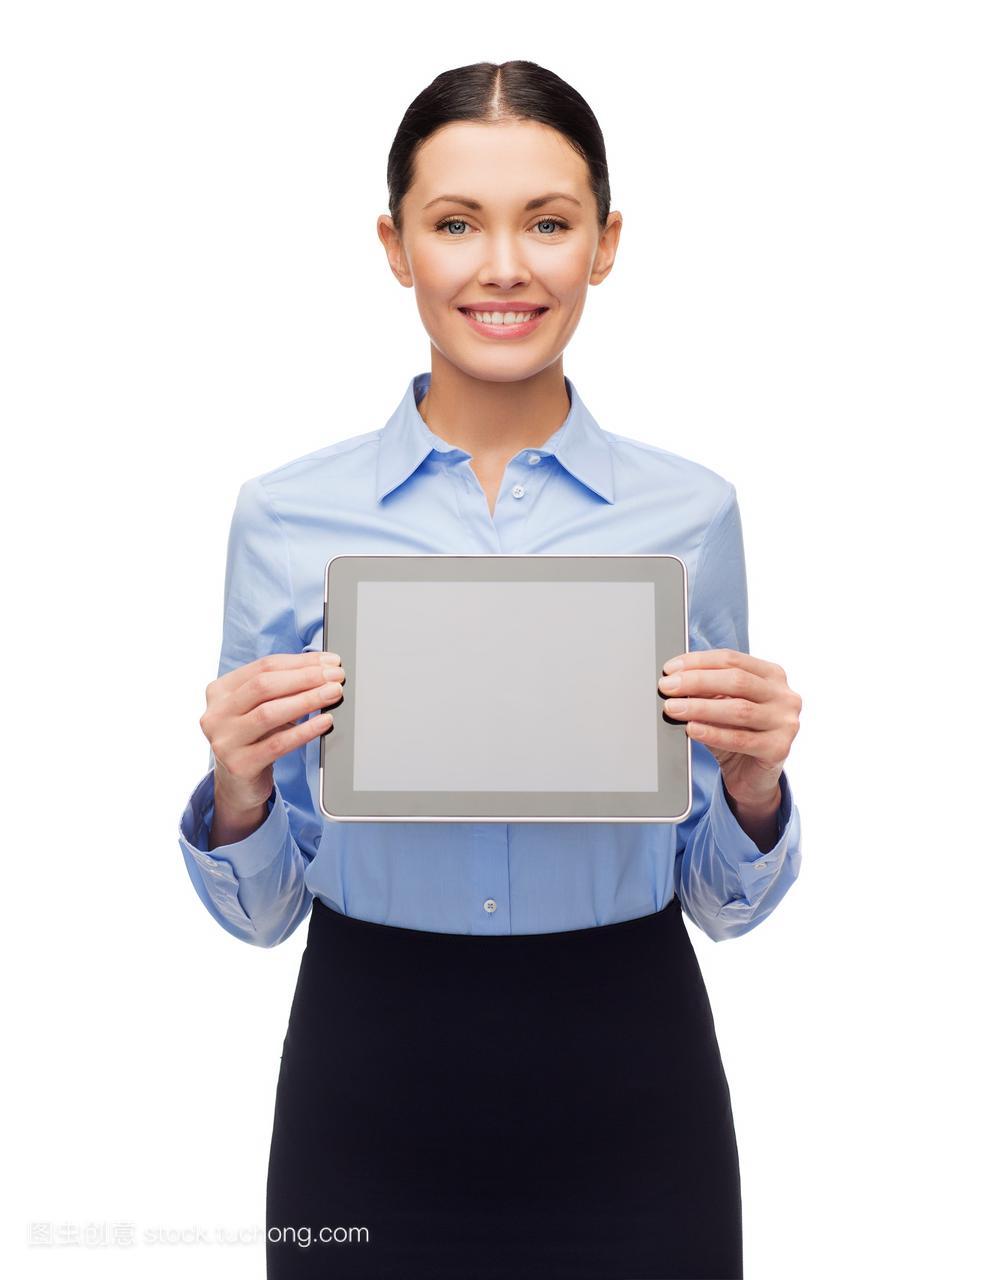 请表,申请,关连,连系,个人电脑,瓜葛,应用程序,申